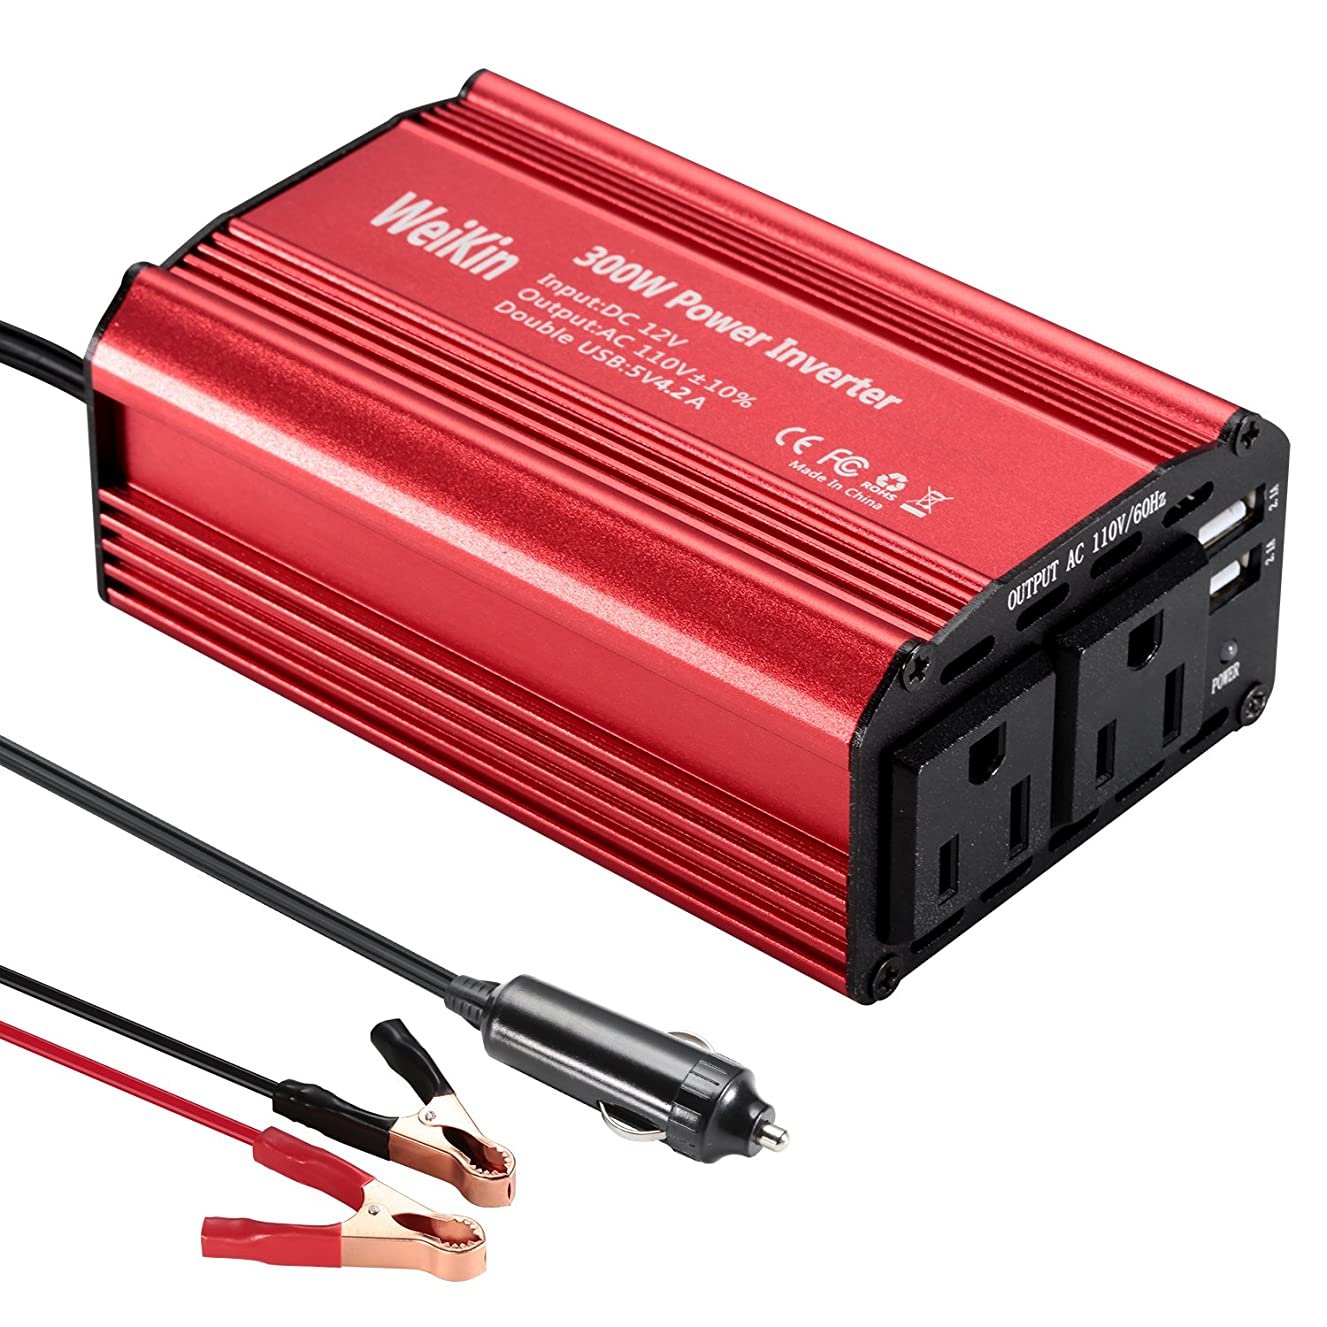 WEIKIN Car power inverter 300 Watt DC 12V to AC 110V peak 600 Watt for Vehicle power converter